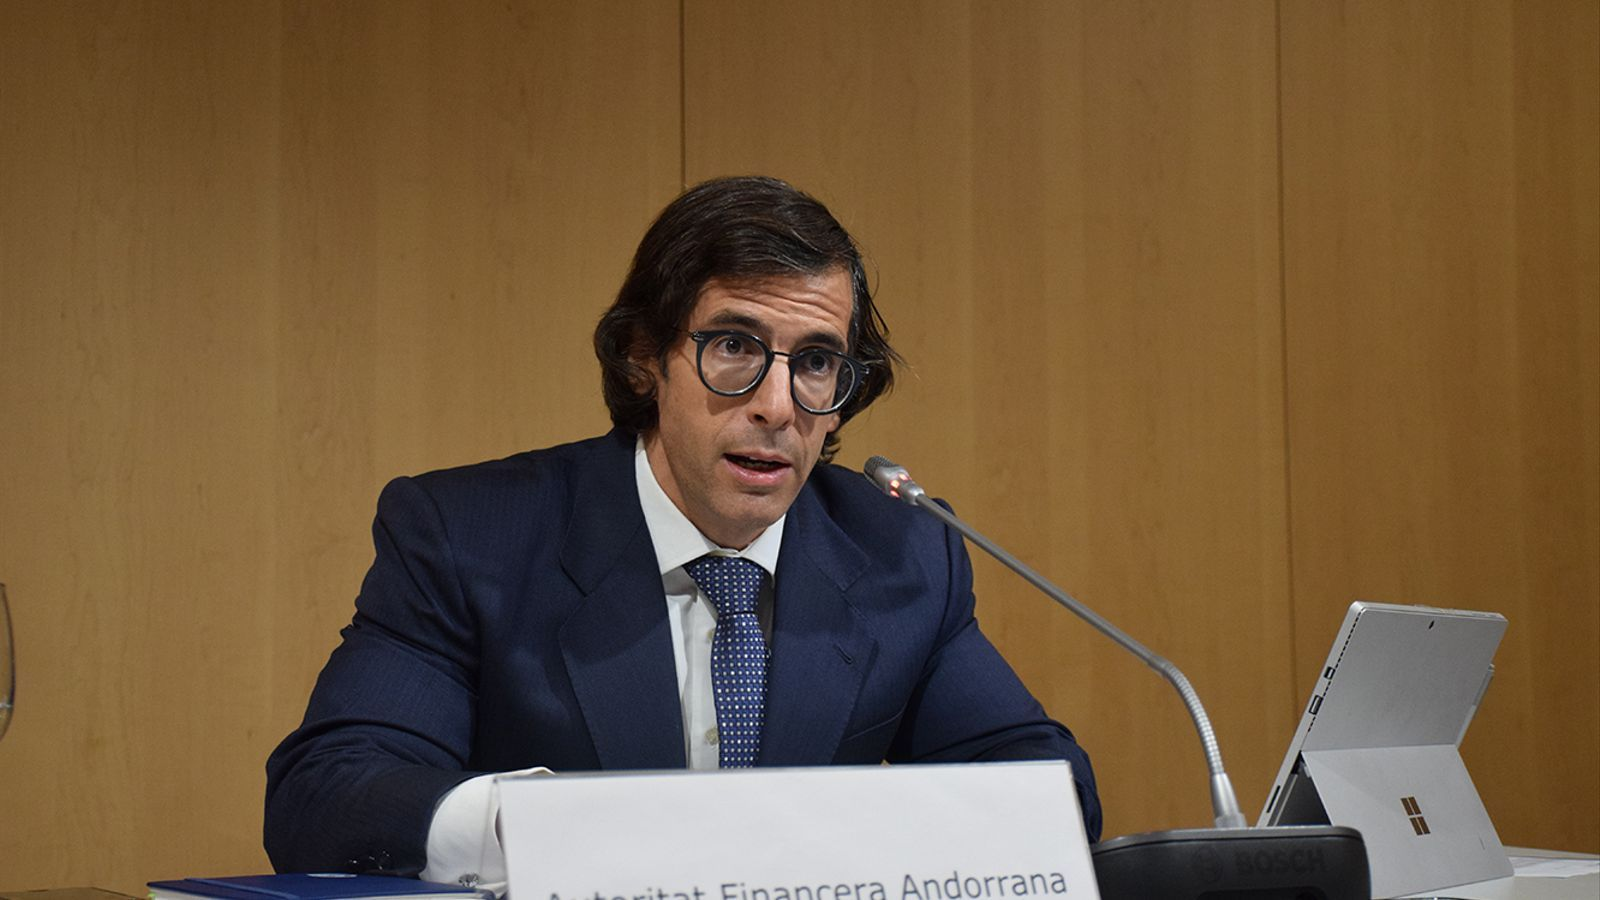 El director general de l'Autoritat Financera Andorrana (AFA), Ramón López, durant la roda de premsa que ha convocat aquest dimecres. / M. F. (ANA)